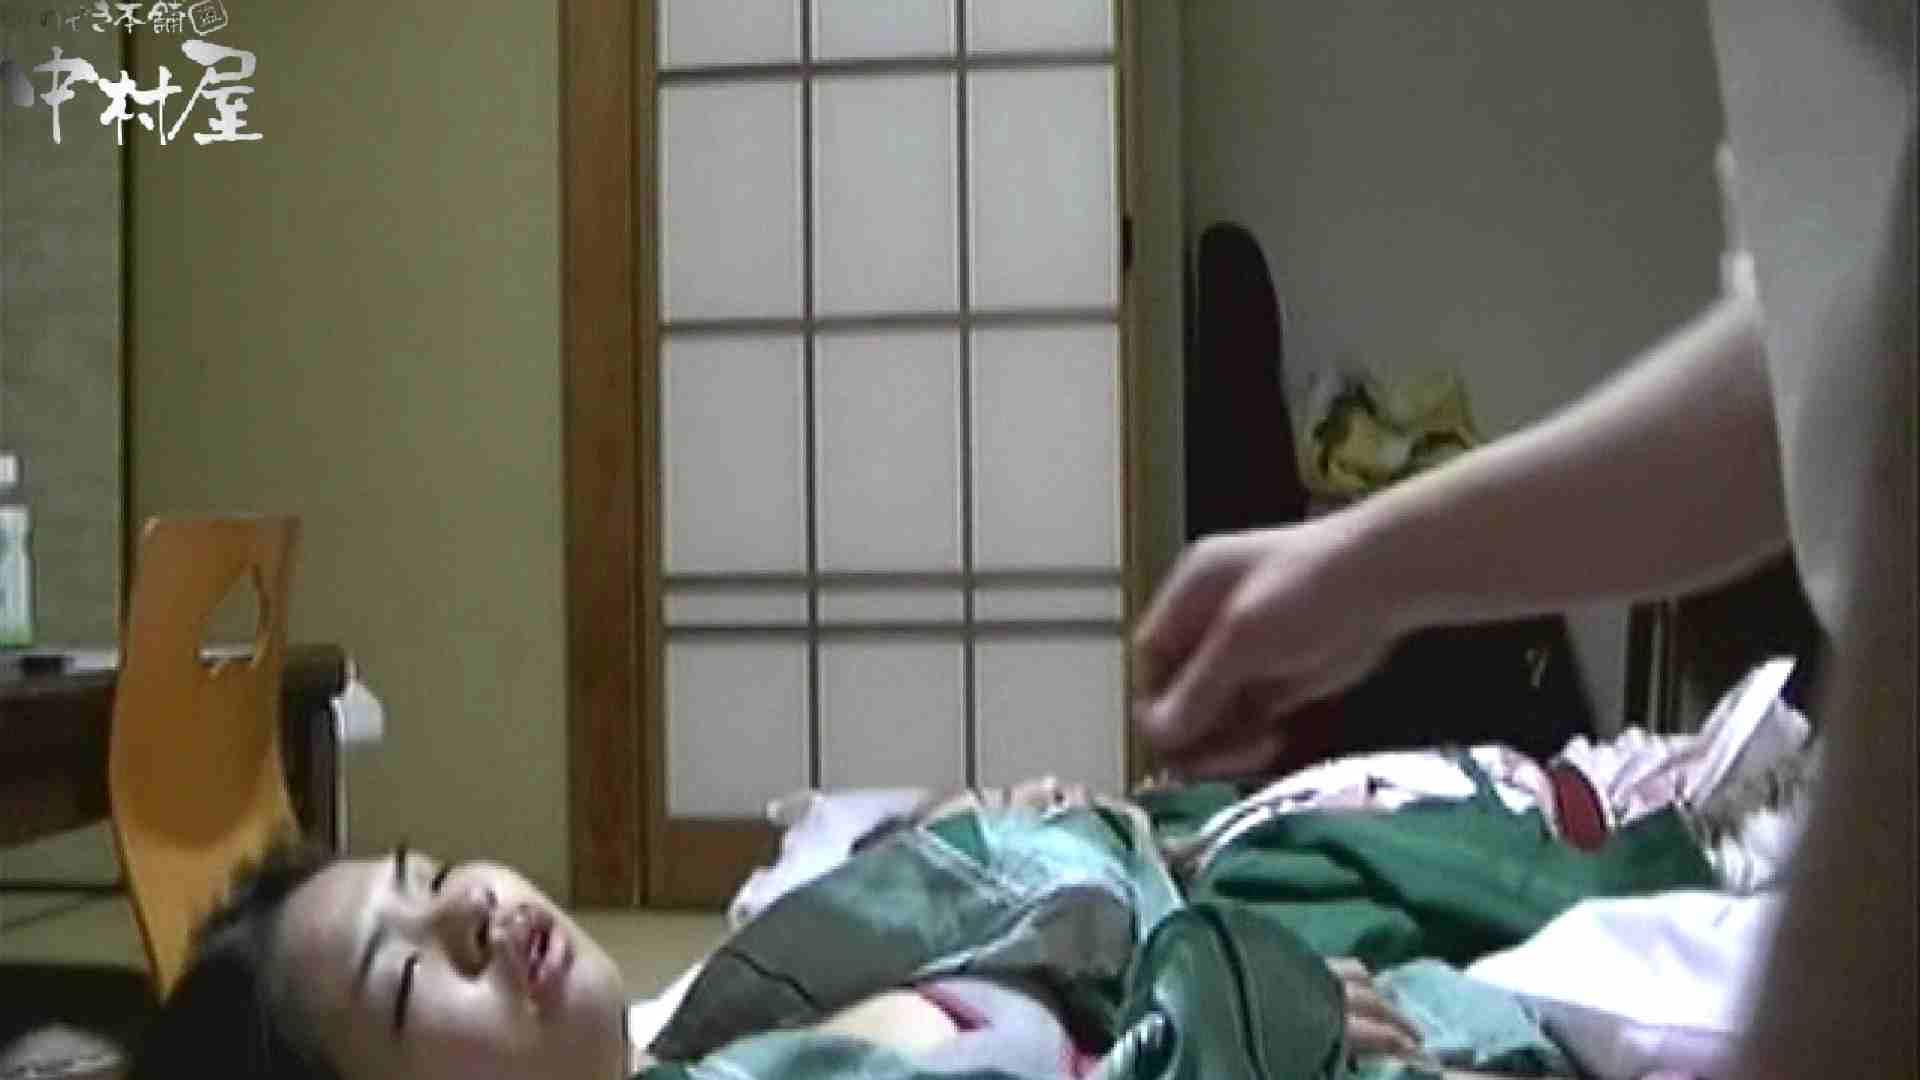 ネムリ姫 vol.07 イタズラ大好き   下半身  94画像 26